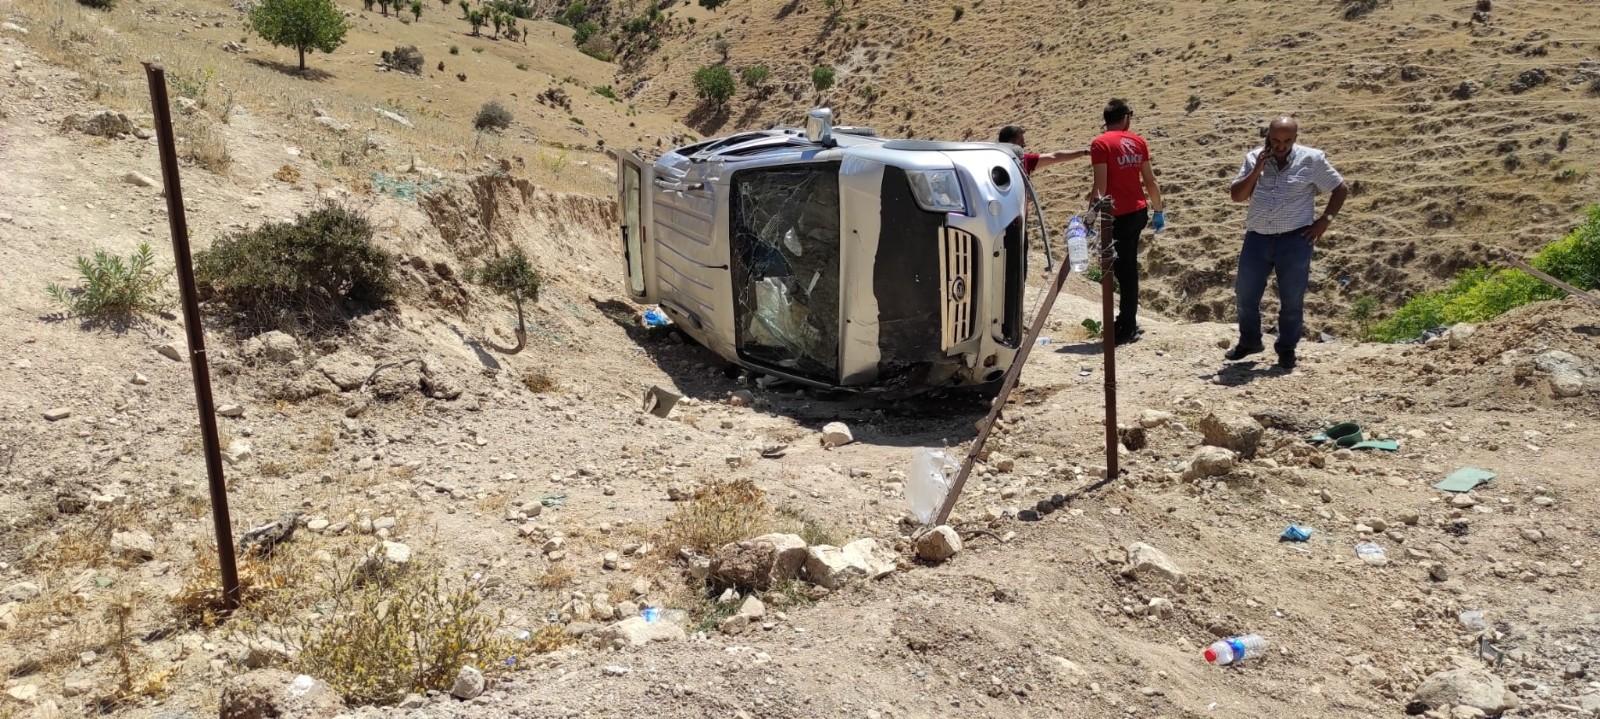 Siirt'te trafik kazası: 1'i çocuk 5 yaralı